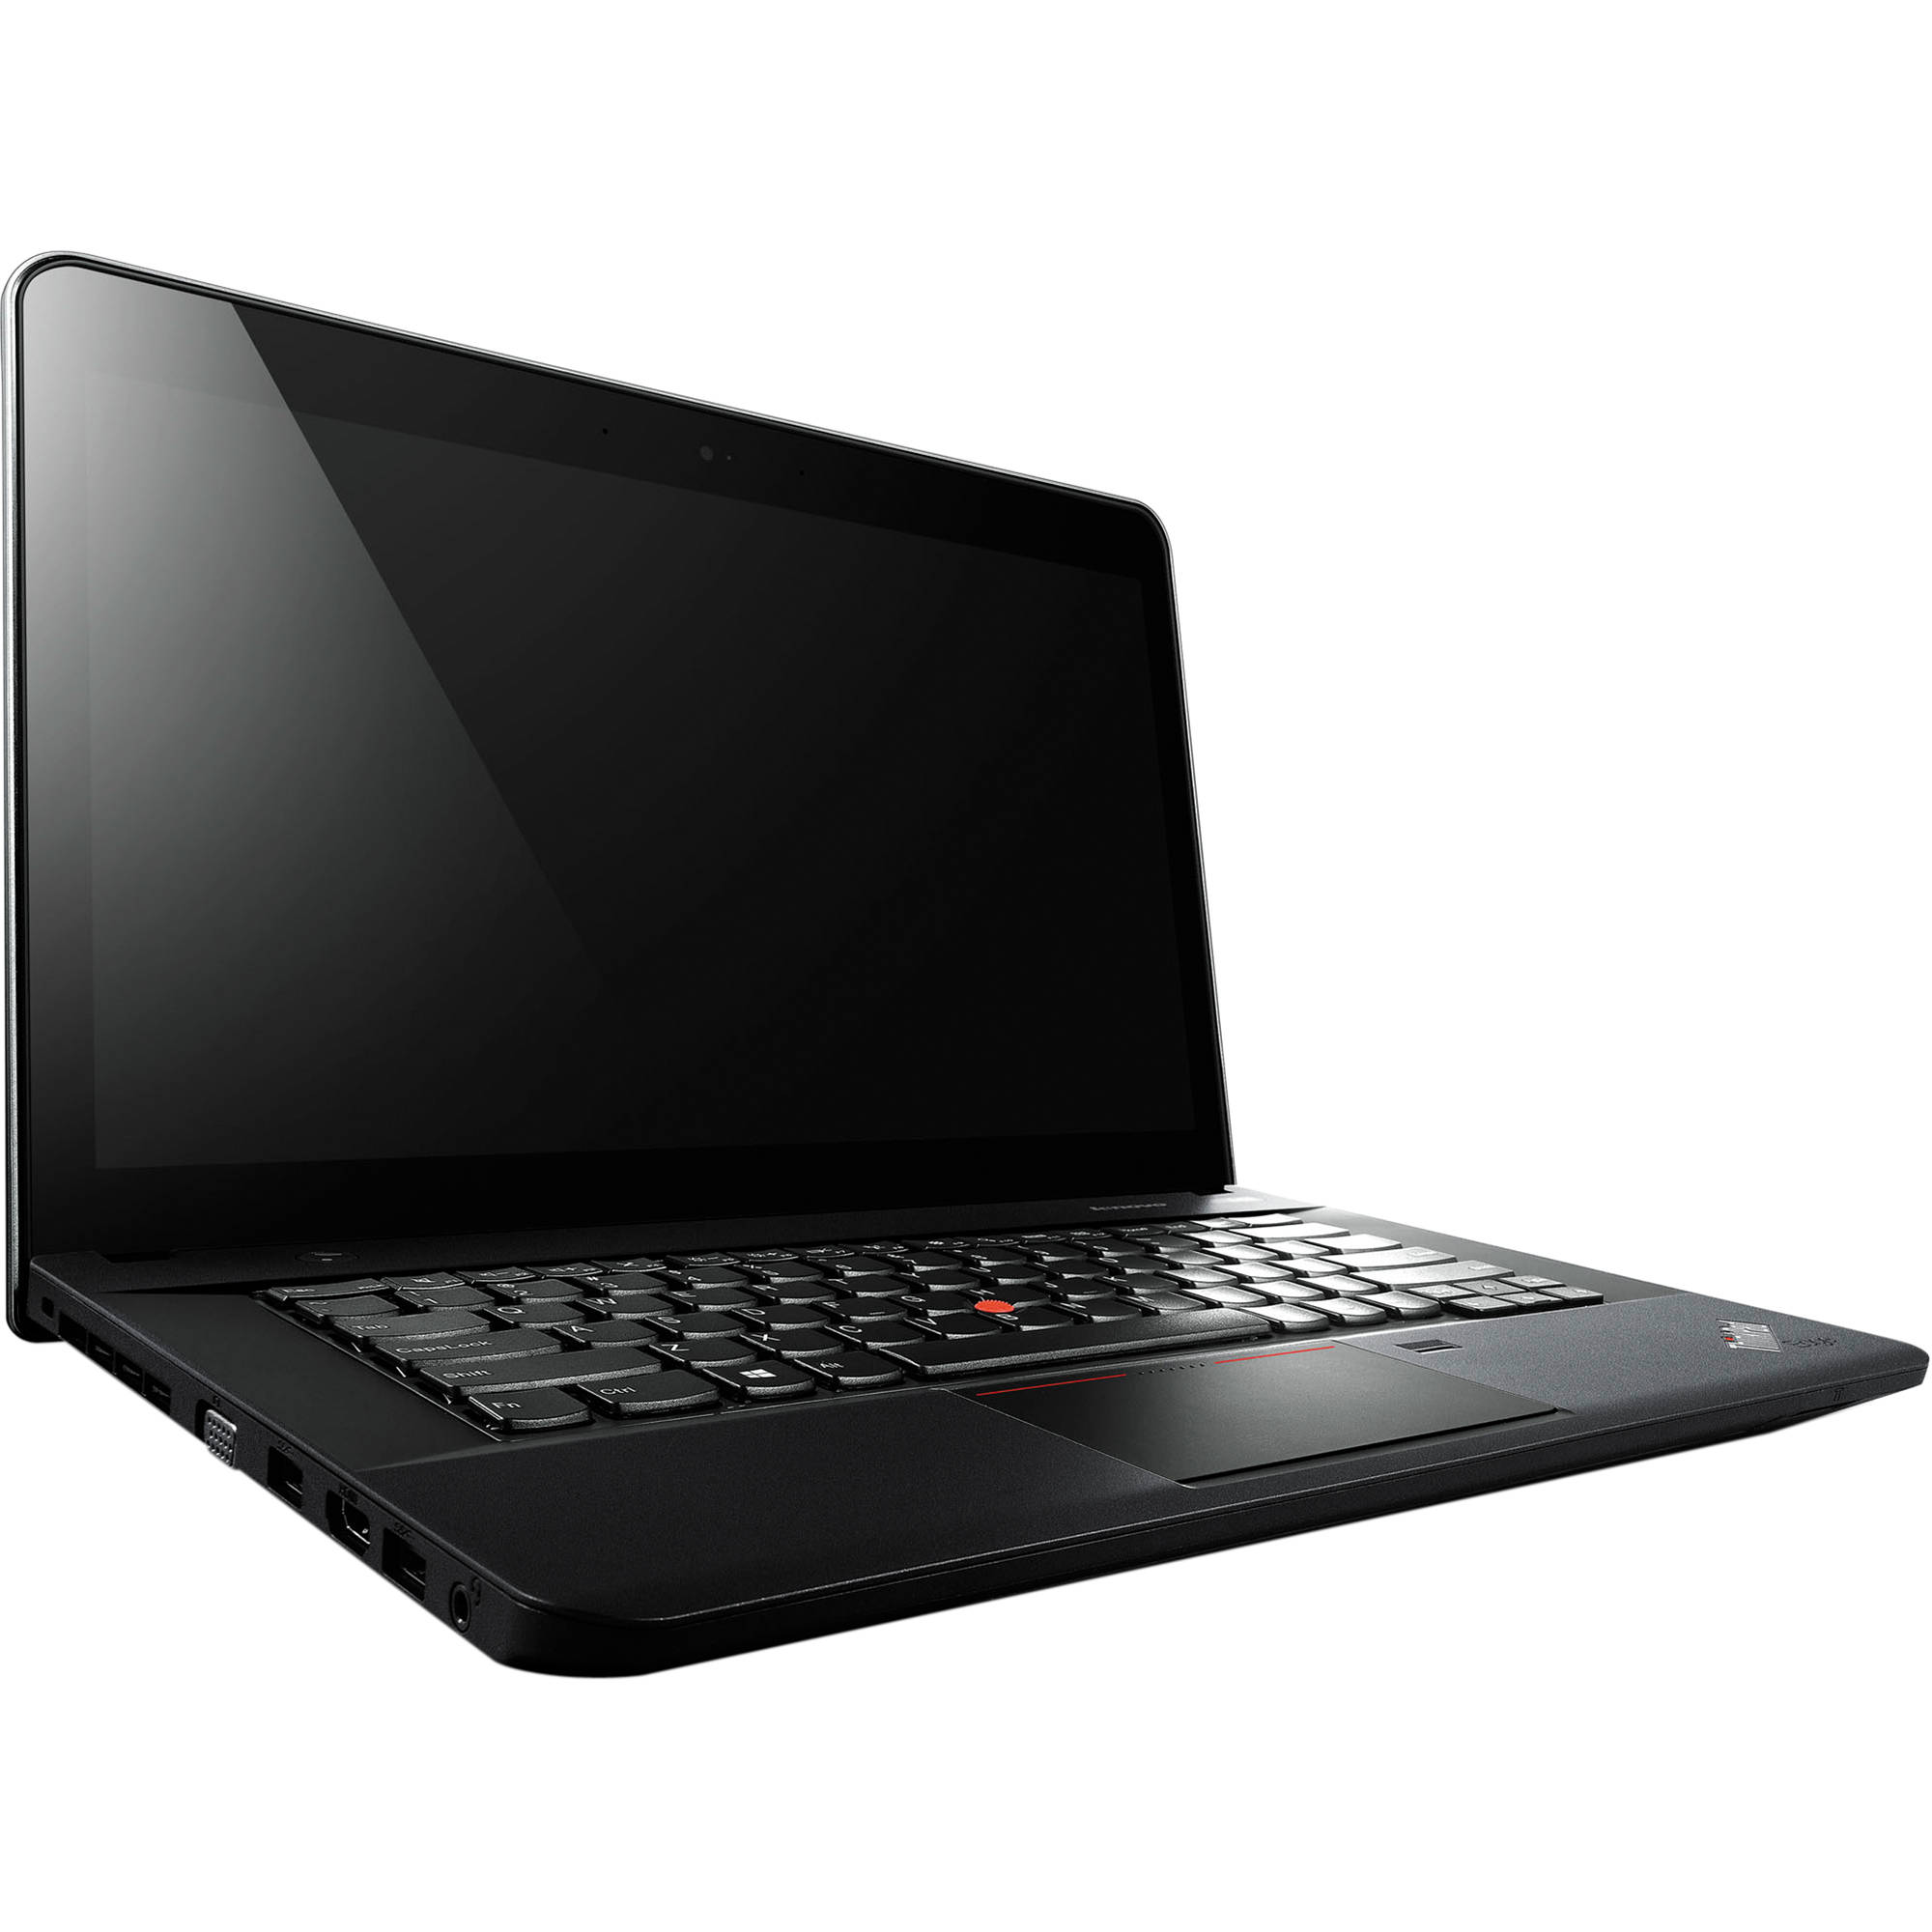 Lenovo ThinkPad E440 20C50050US 14